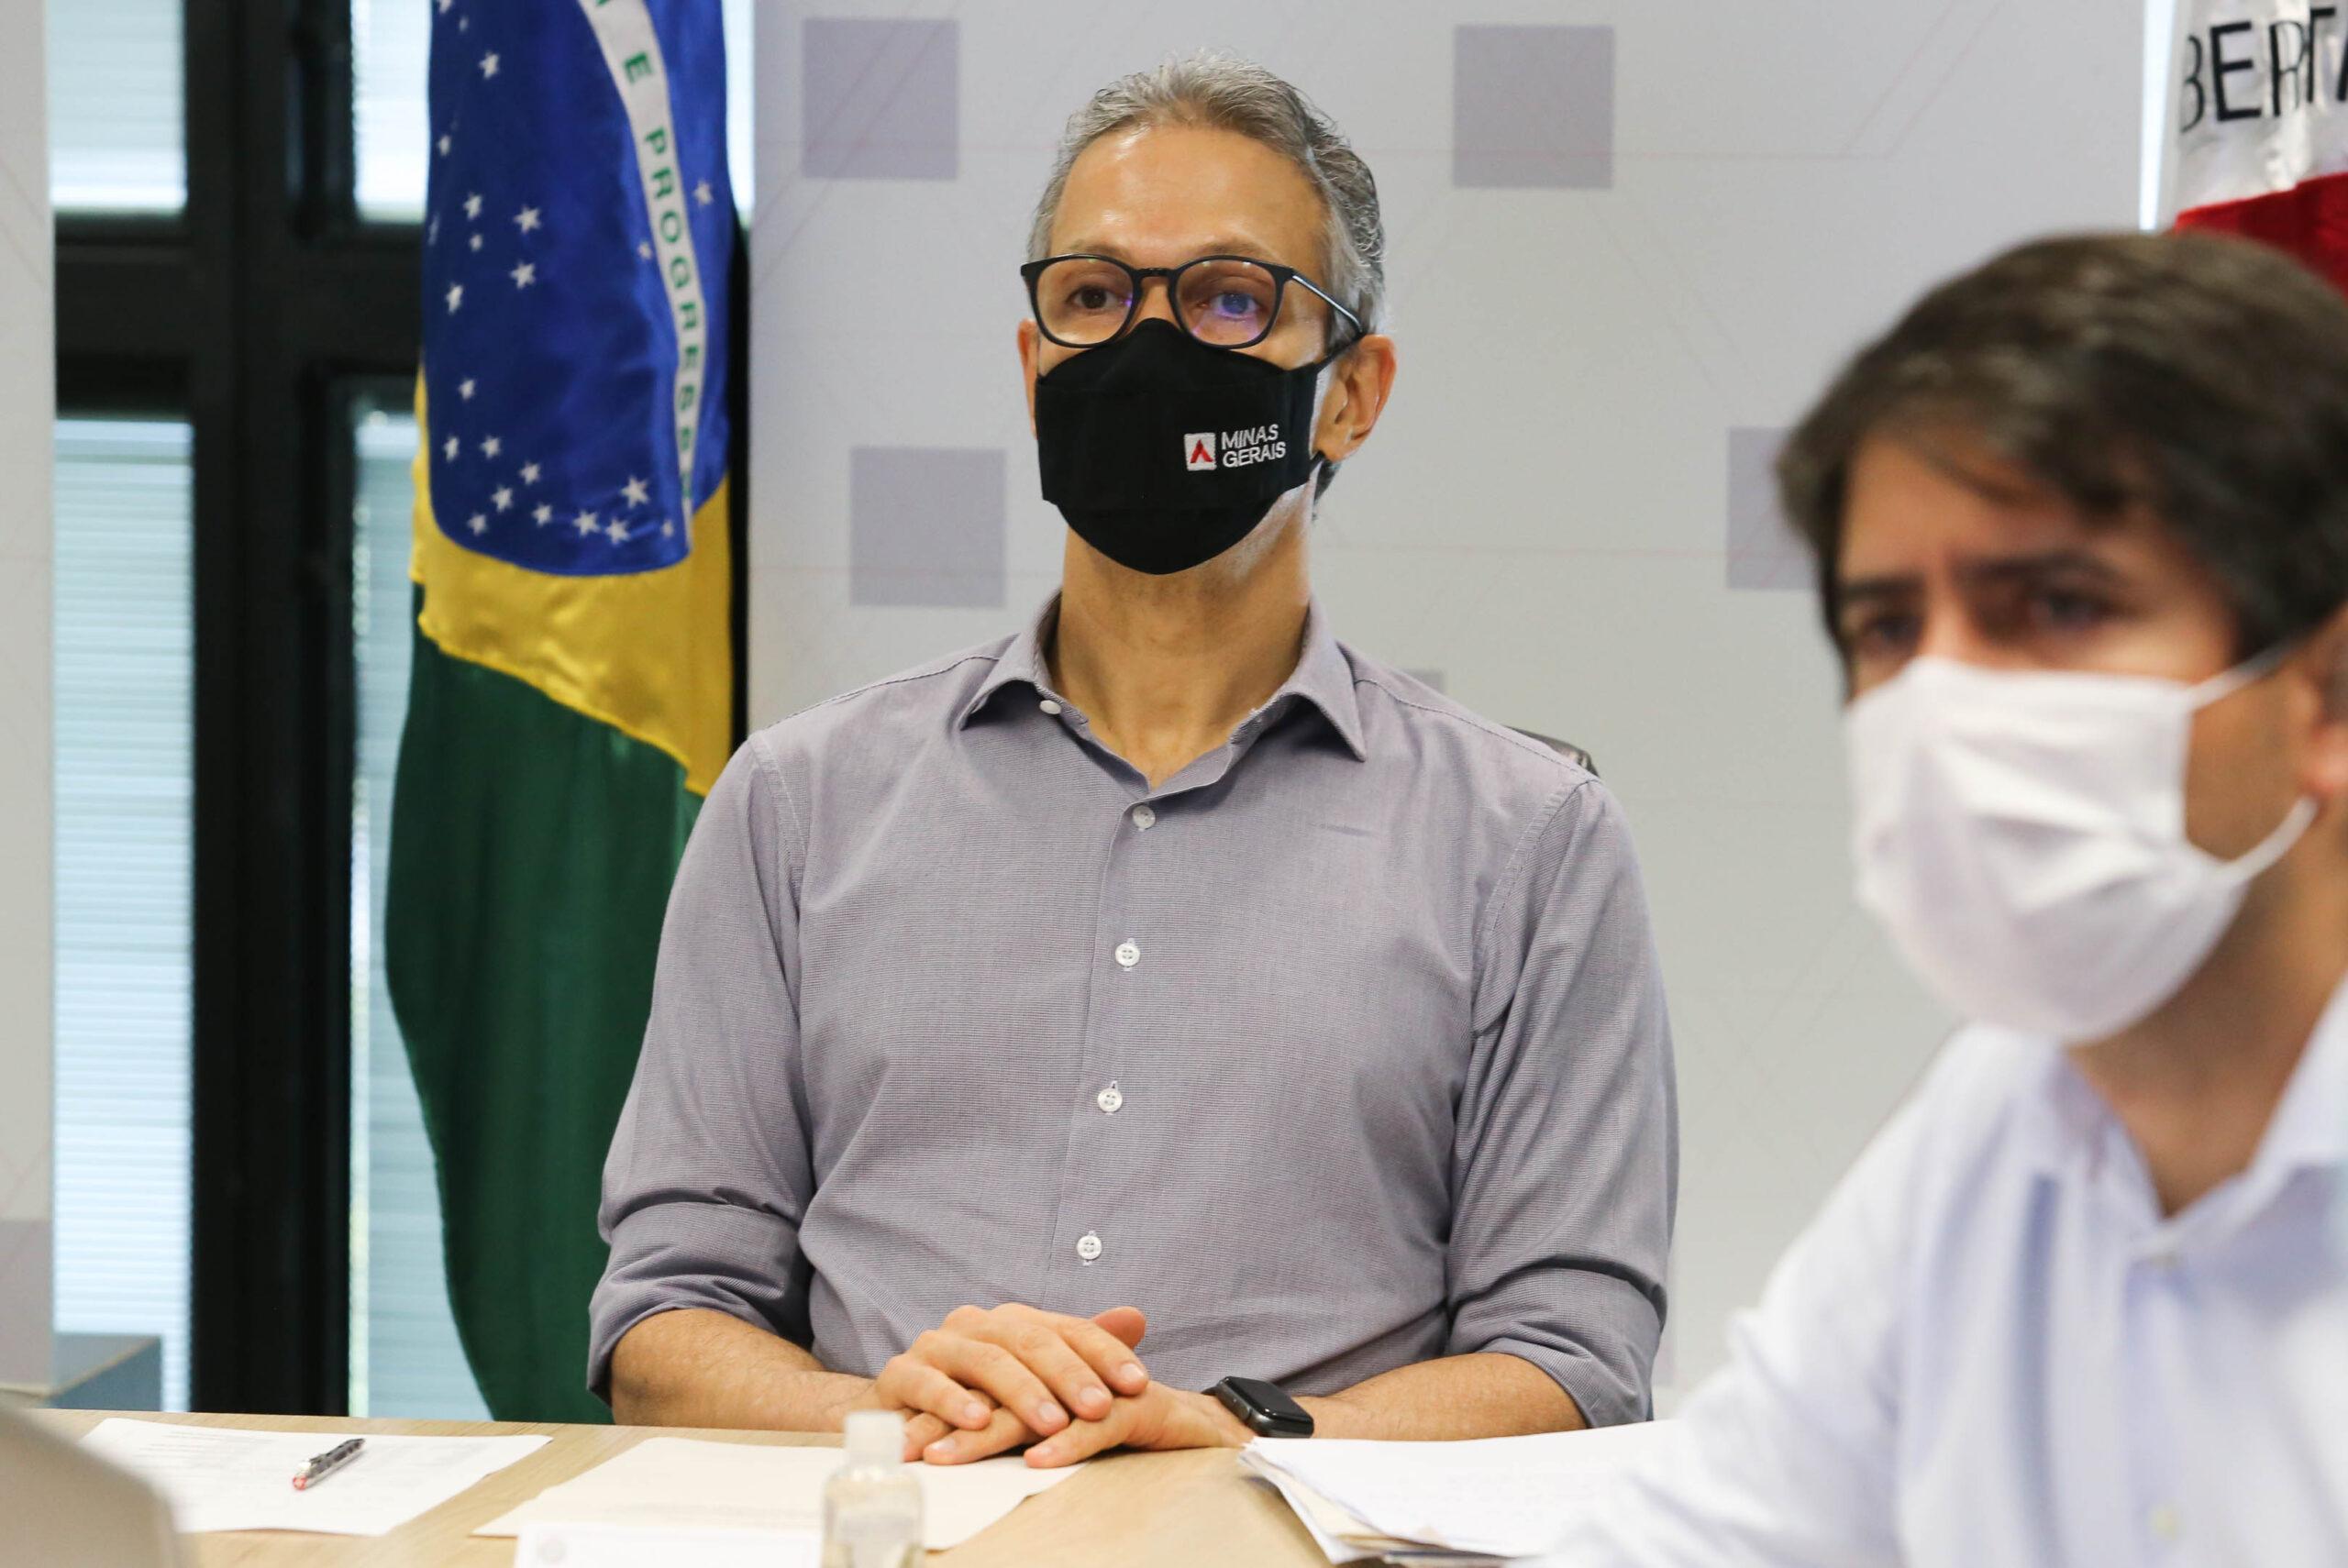 Governador de Minas Gerais - Romeu Zema